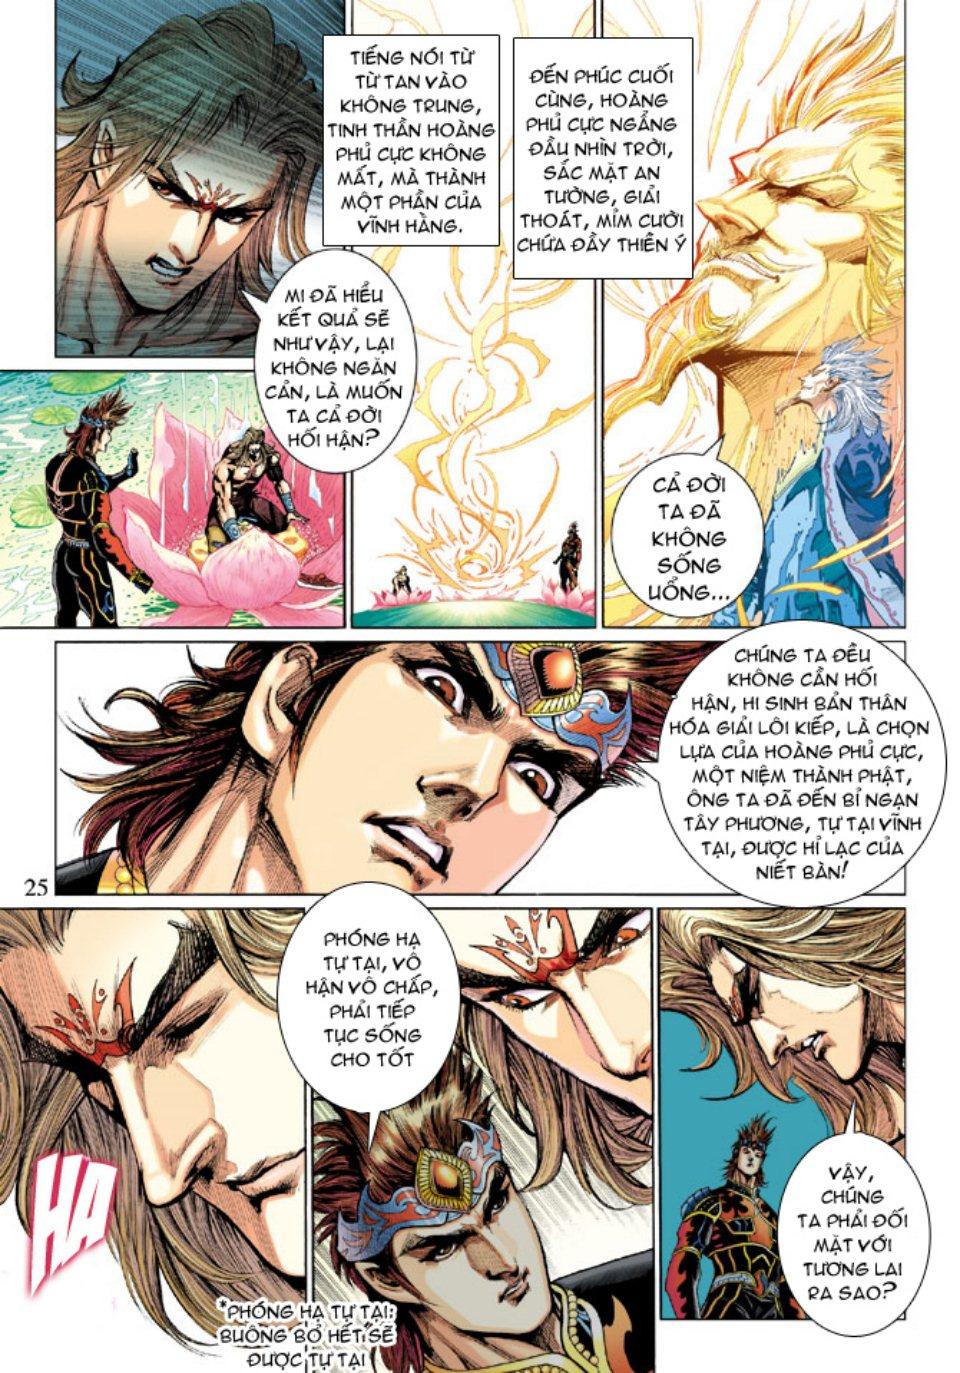 Thiên Tử Truyền Kỳ 5 – Như Lai Thần Chưởng chap 214 – End Trang 24 - Mangak.info